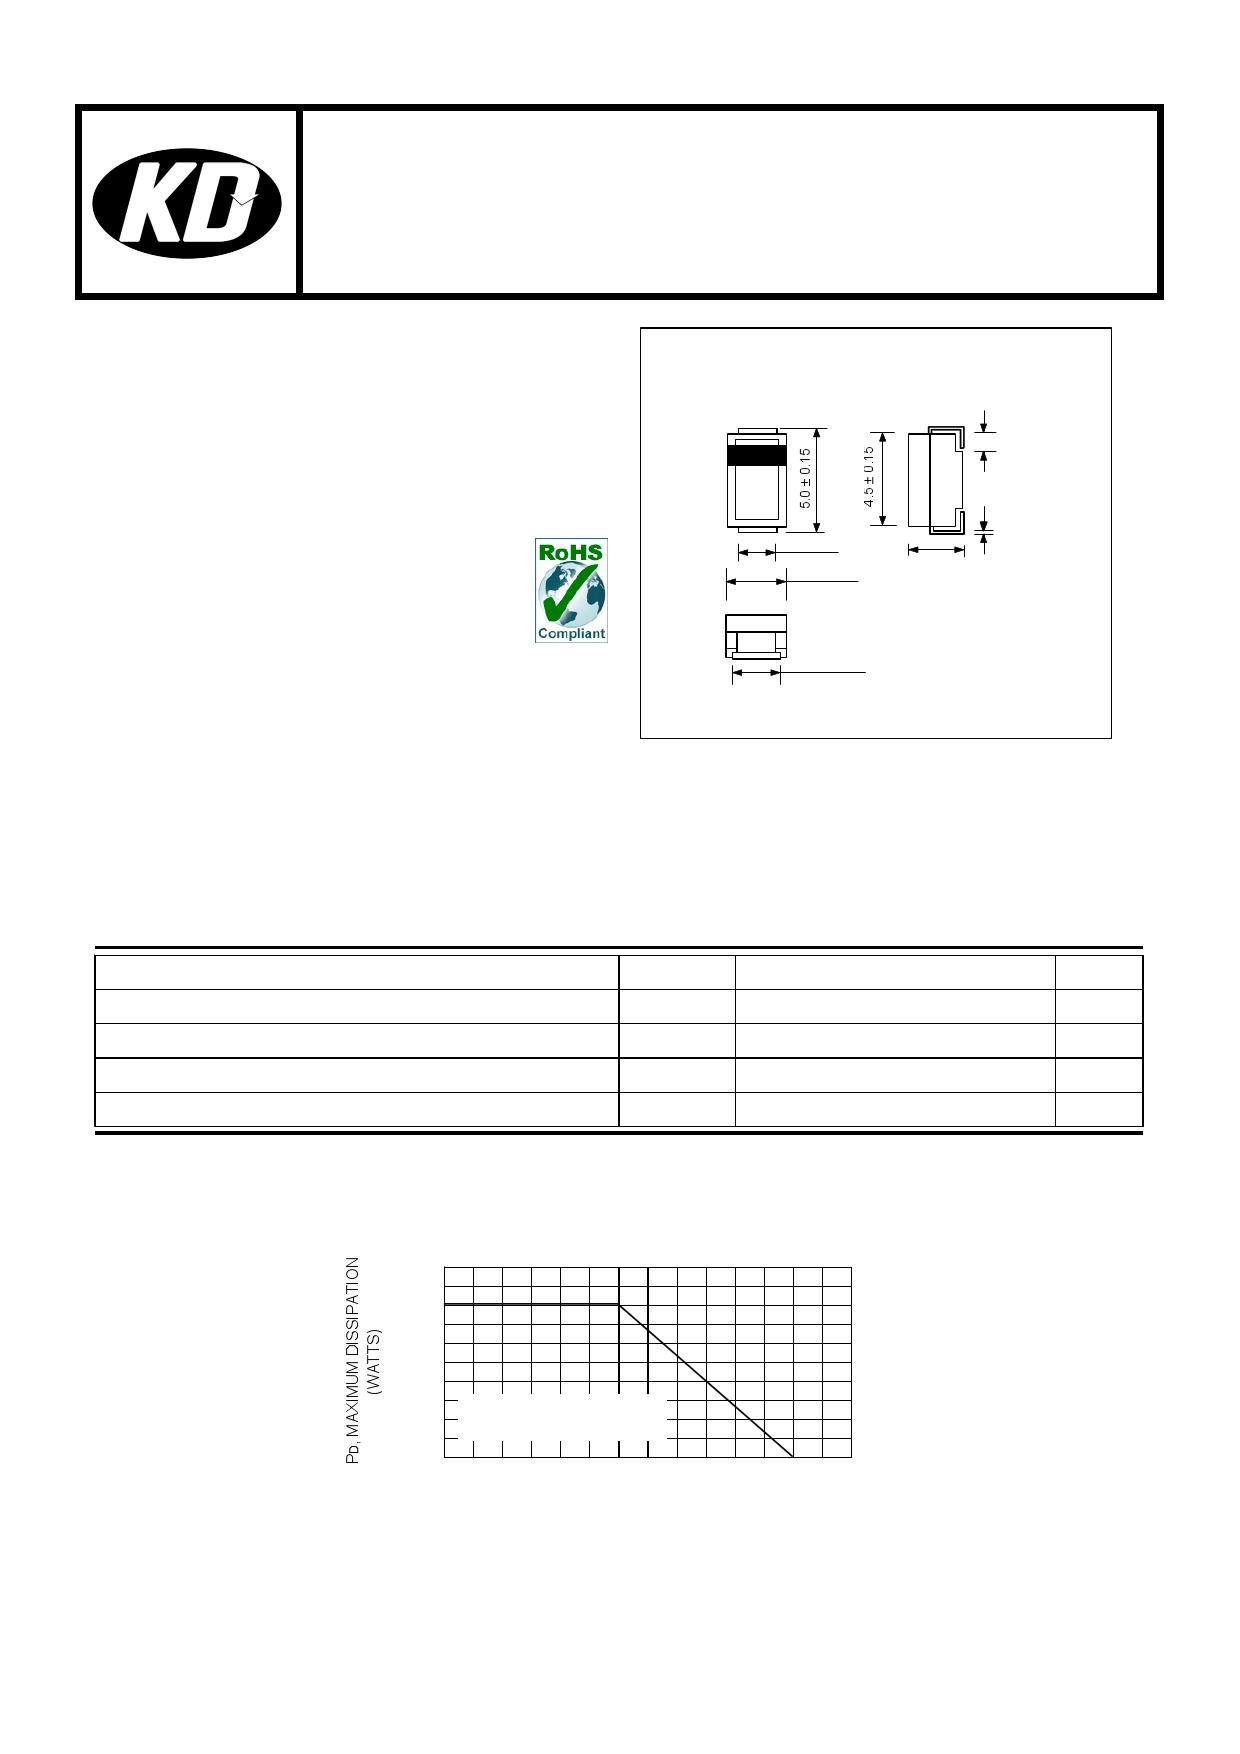 SZ40B8 datasheet